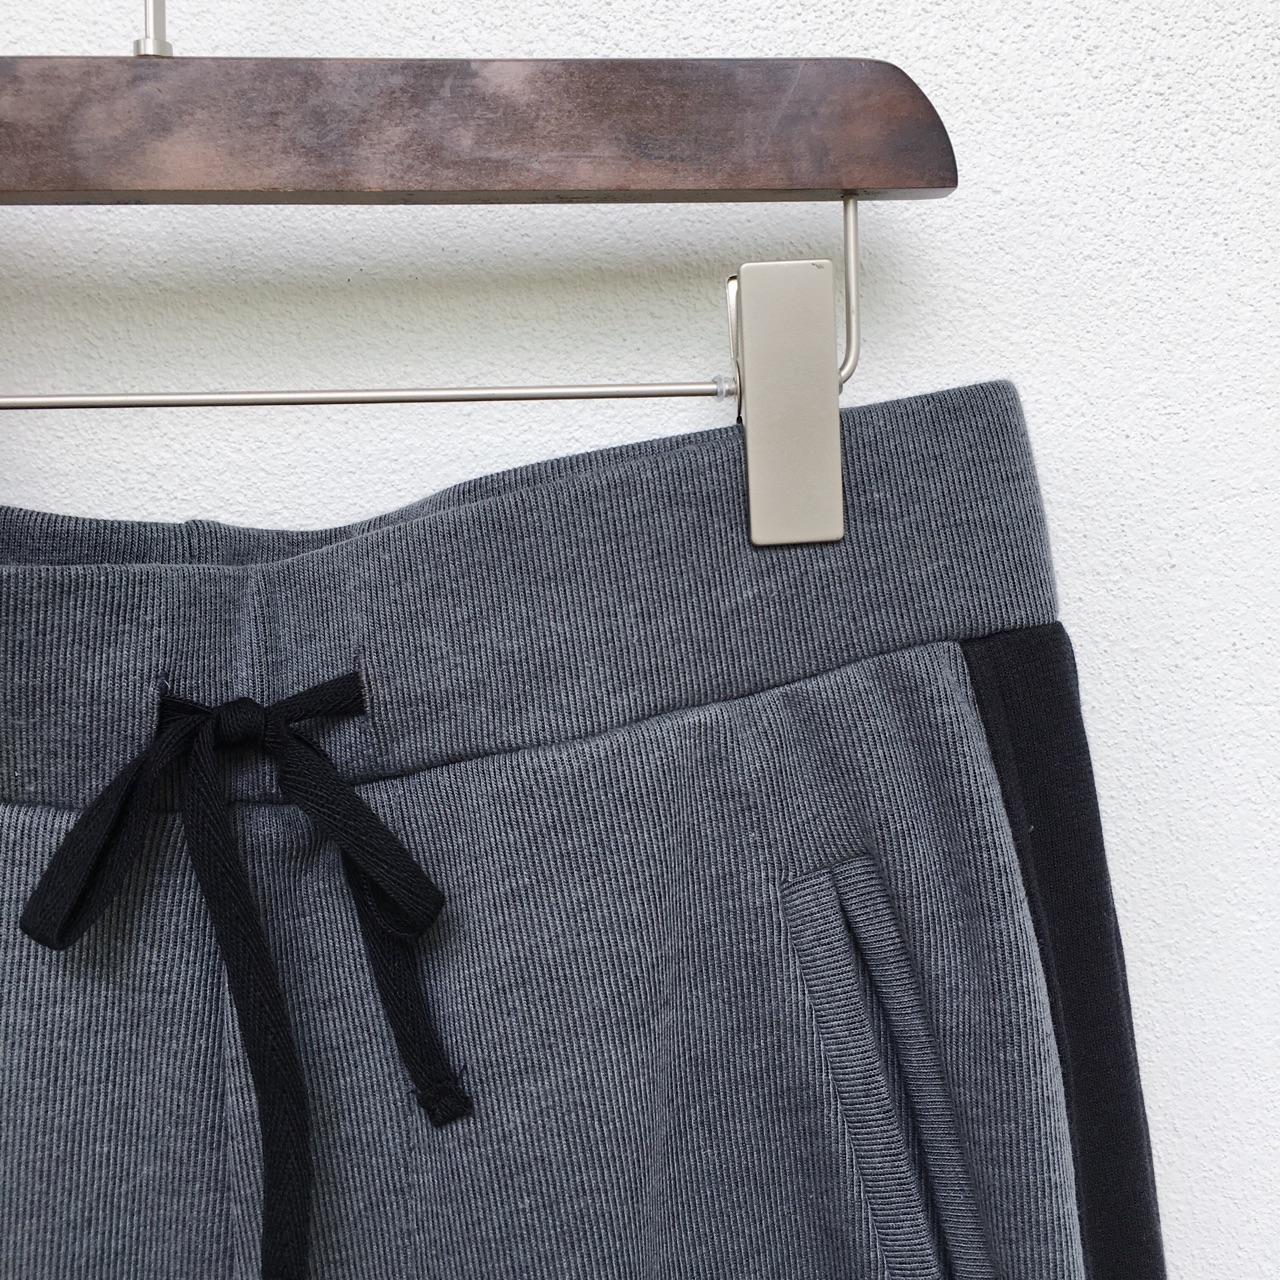 เสื้อผ้าผู้ชาย,เสื้อผู้ชาย,เสื้อยืด,เสื้อยืดคอกลม,เสื้อยืดคอกลมแขนสั้น,เสื้อยืดแขนสั้น,เสื้อแขนสั้น,กางเกง,กางเกงผู้ชาย,กางเกงขายาว,กางเกงขายาวผู้ชาย,กางเกงผู้ชายขายาว